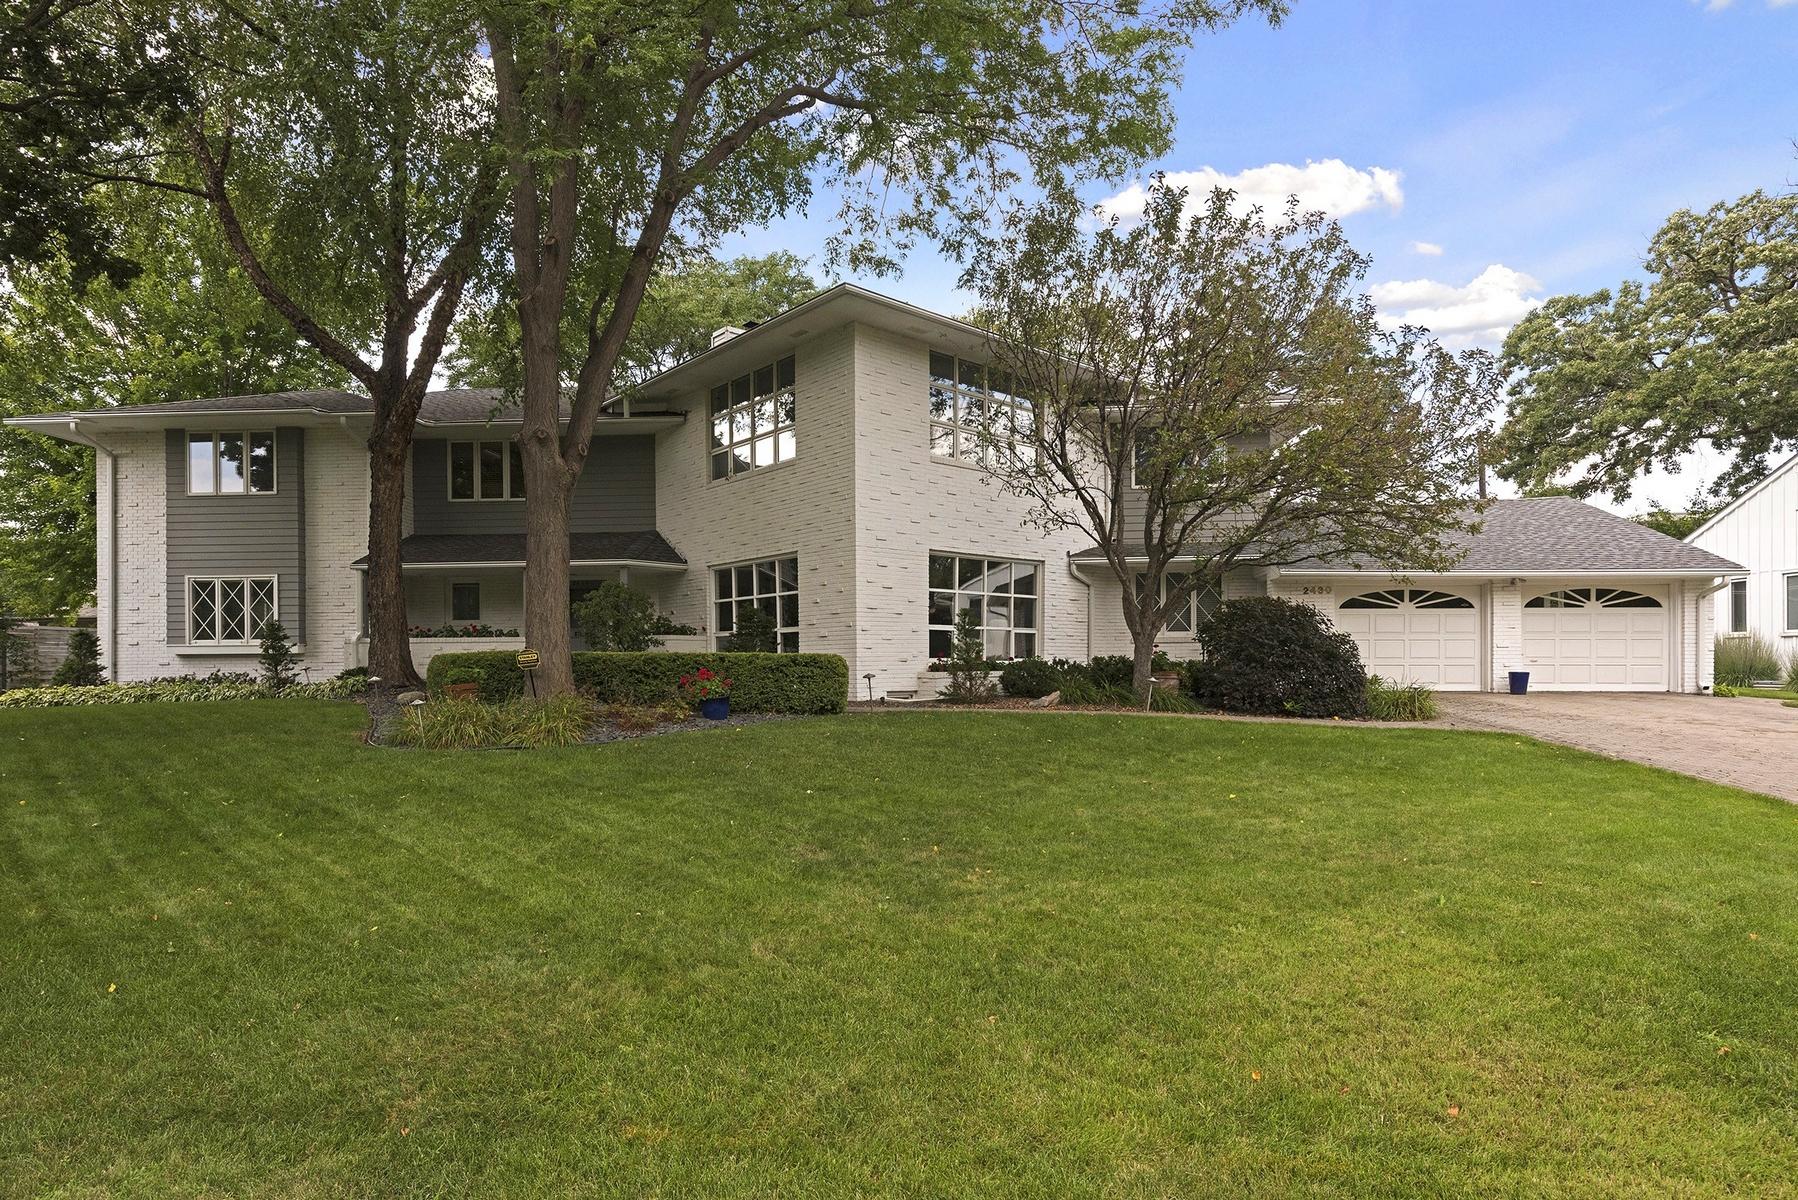 独户住宅 为 销售 在 2430 Cedar Shore Drive 明尼阿波利斯市, 明尼苏达州, 55416 美国